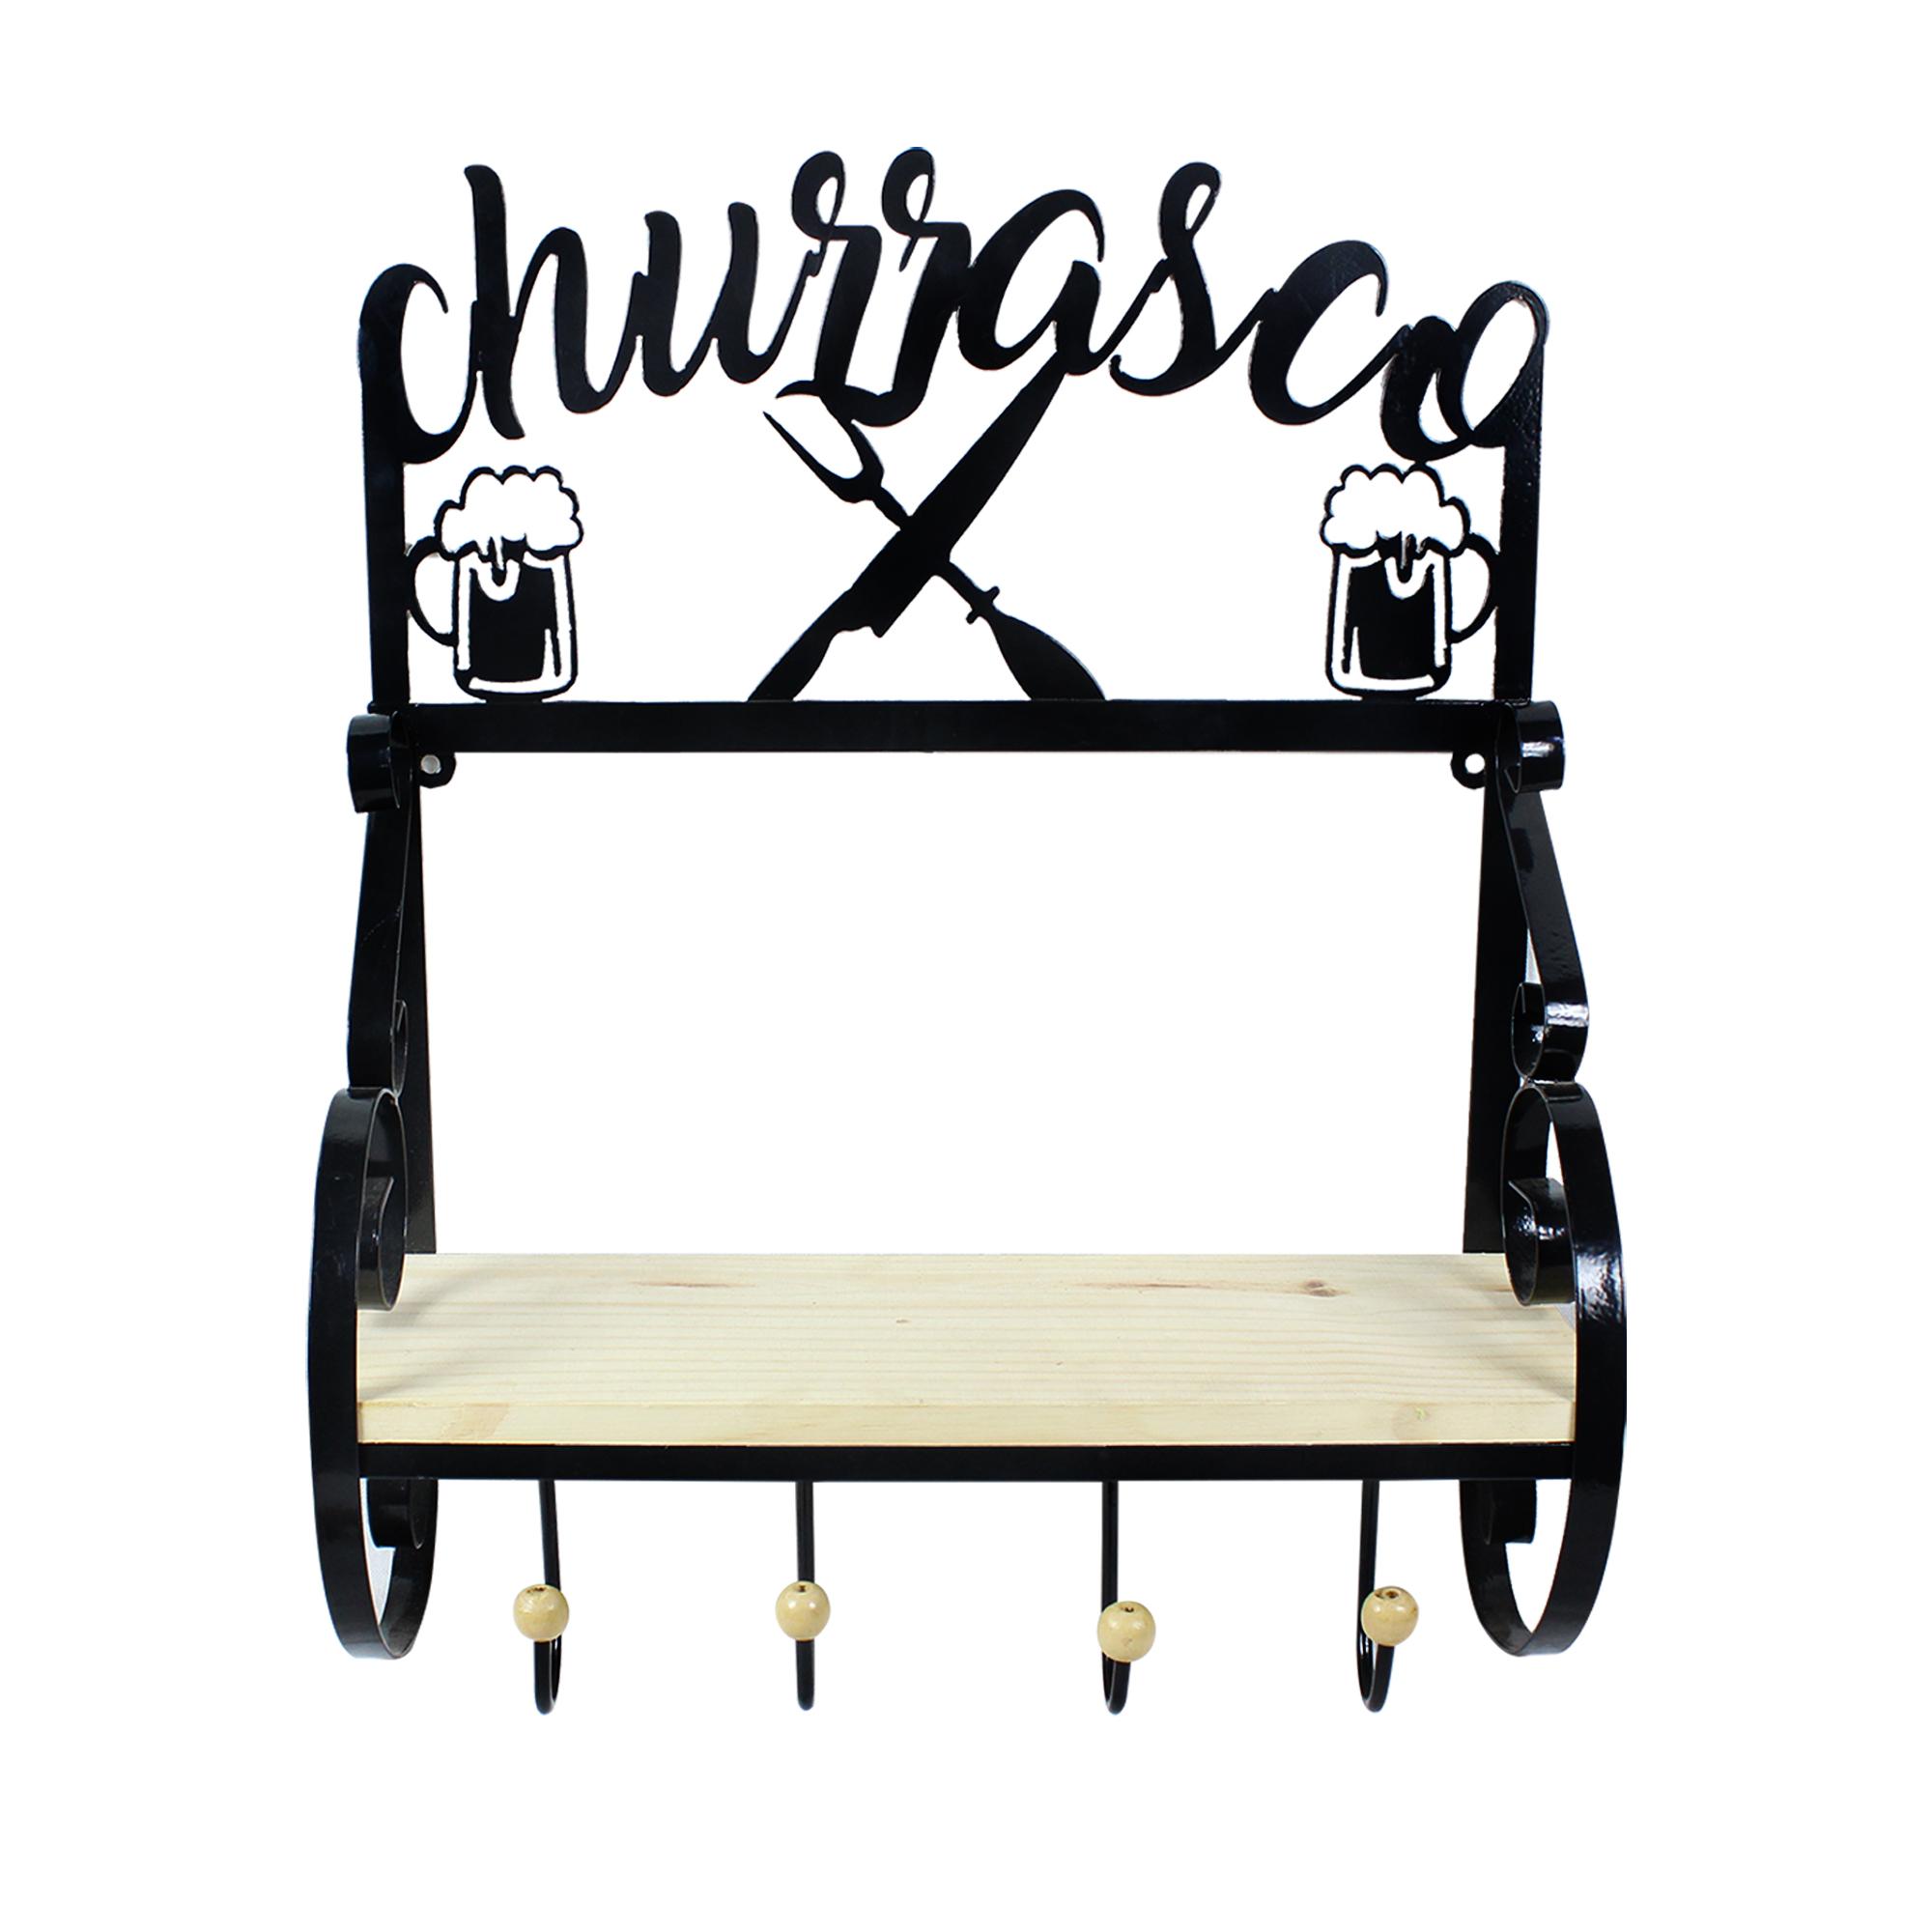 Prateleira Chapa Churrasco